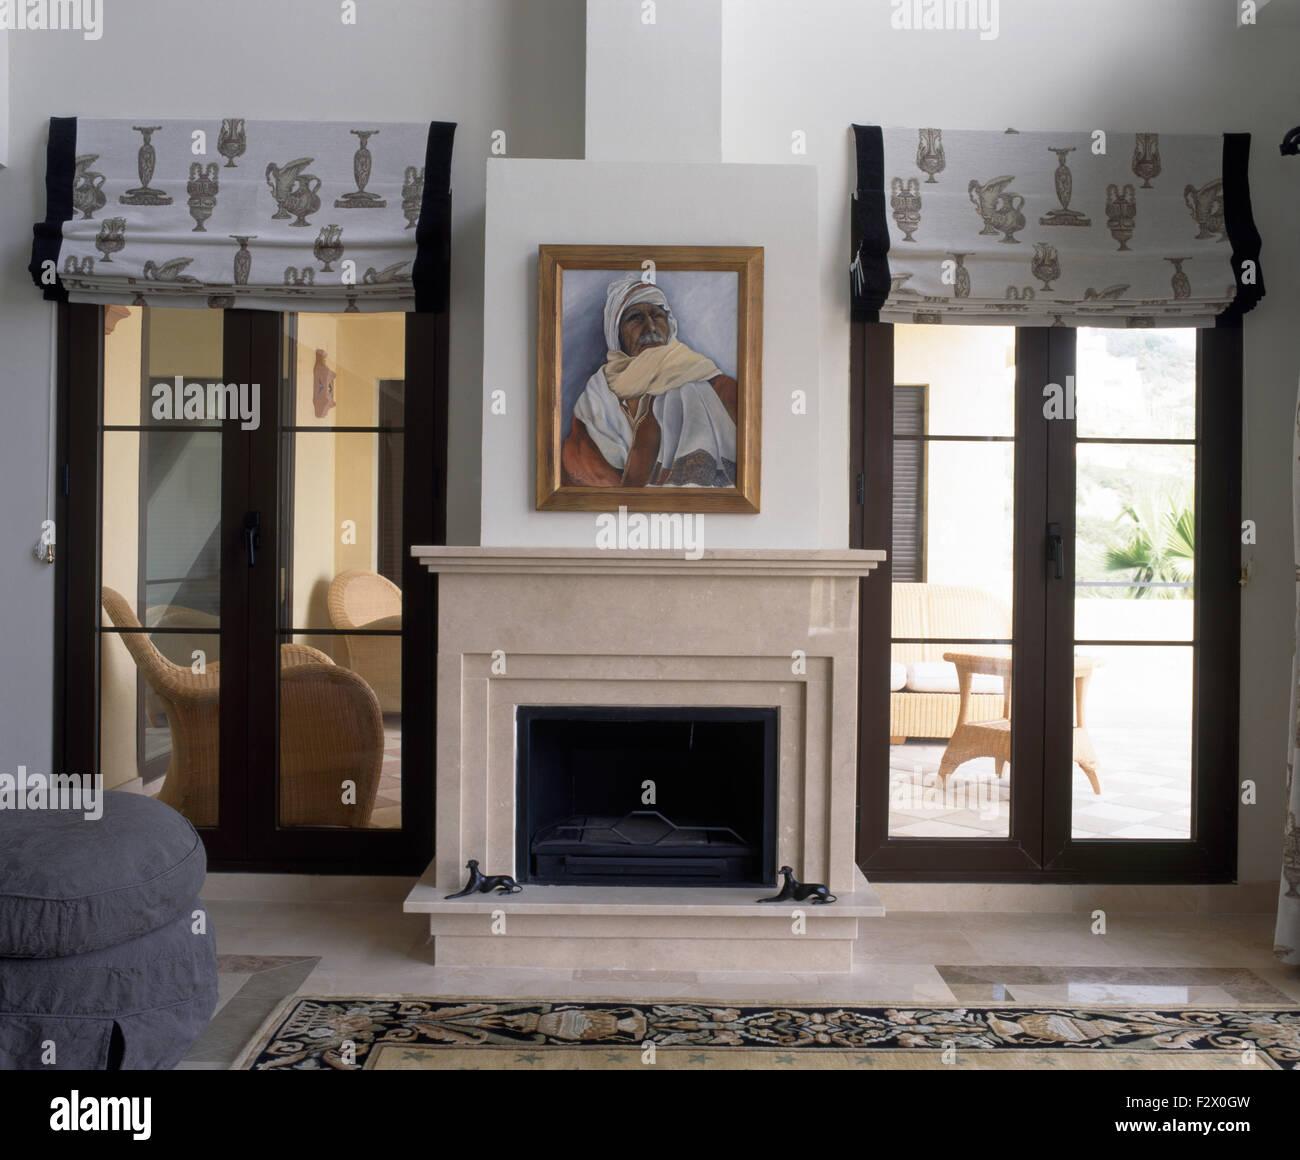 Gemälde über Dem Kamin Im Modernen Spanischen Wohnzimmer Mit Gemusterten  Grauen Jalousien An Französische Fenster